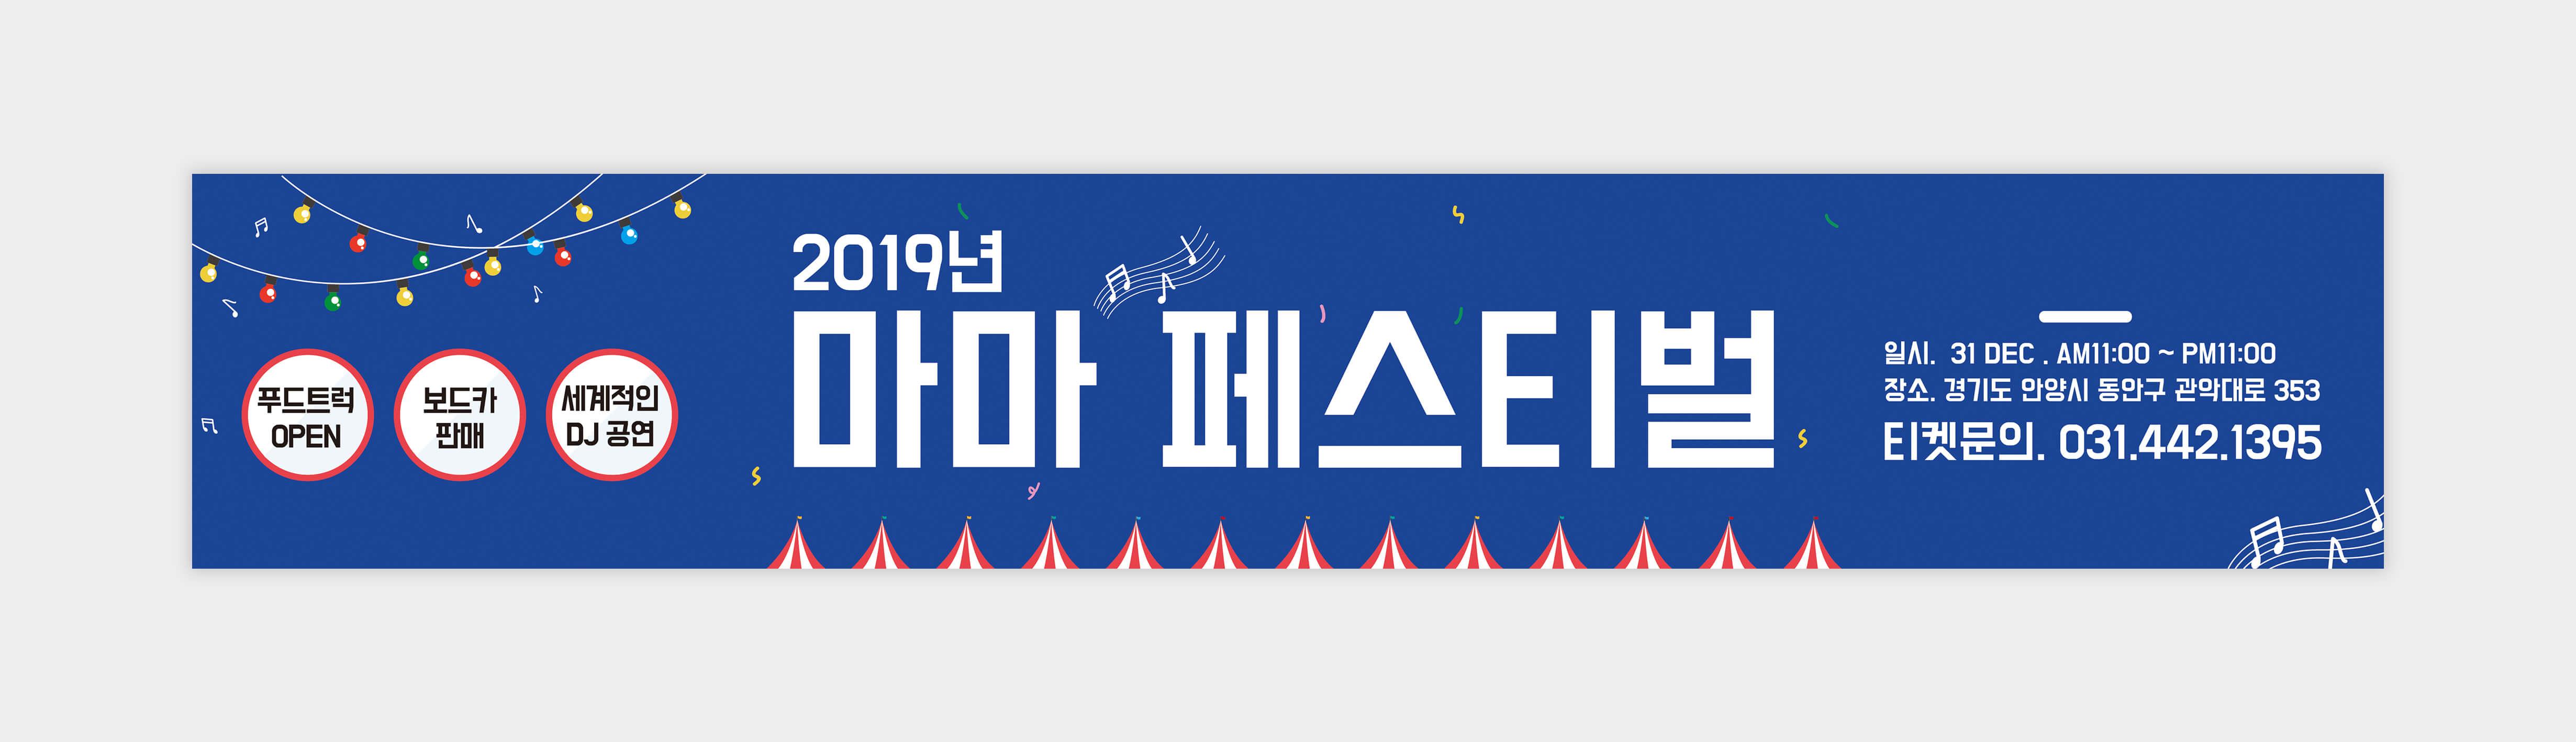 현수막_012